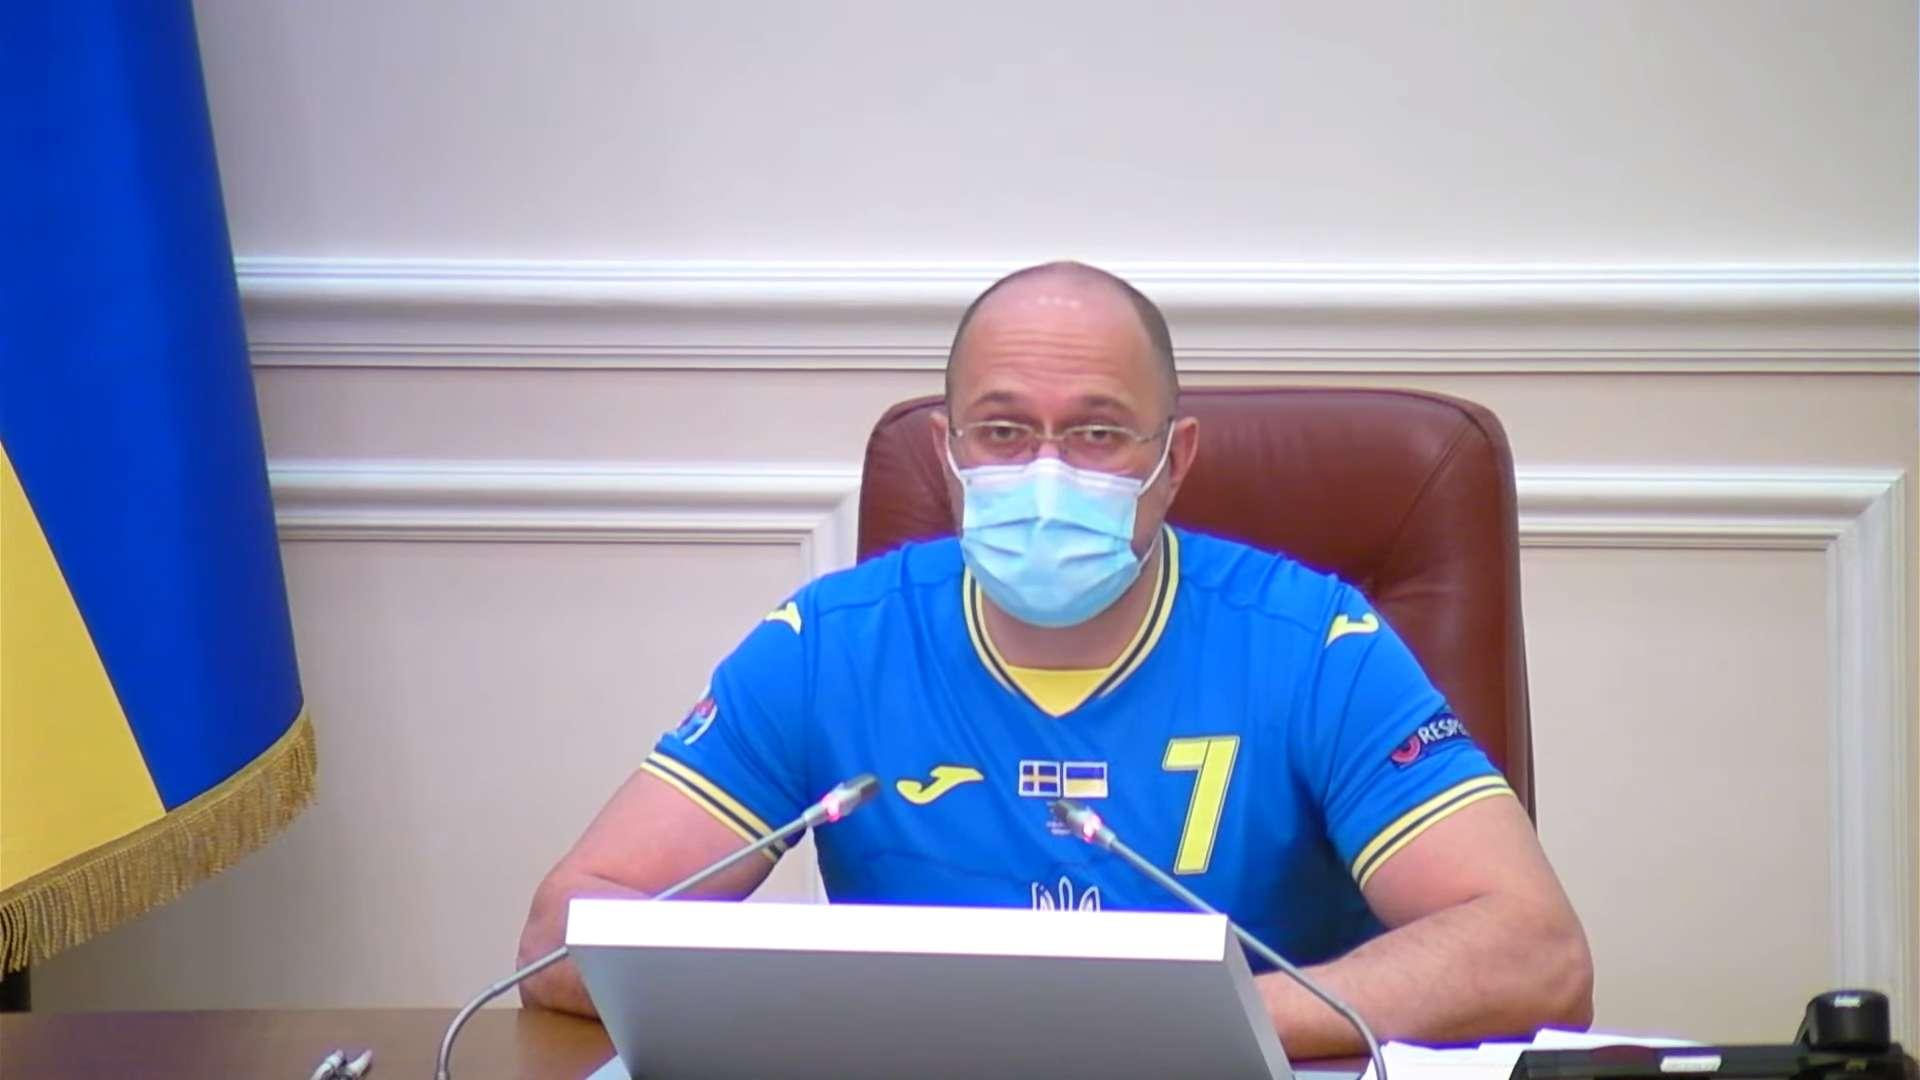 Министры надели форму украинской сборной по футболу на заседание Кабмина